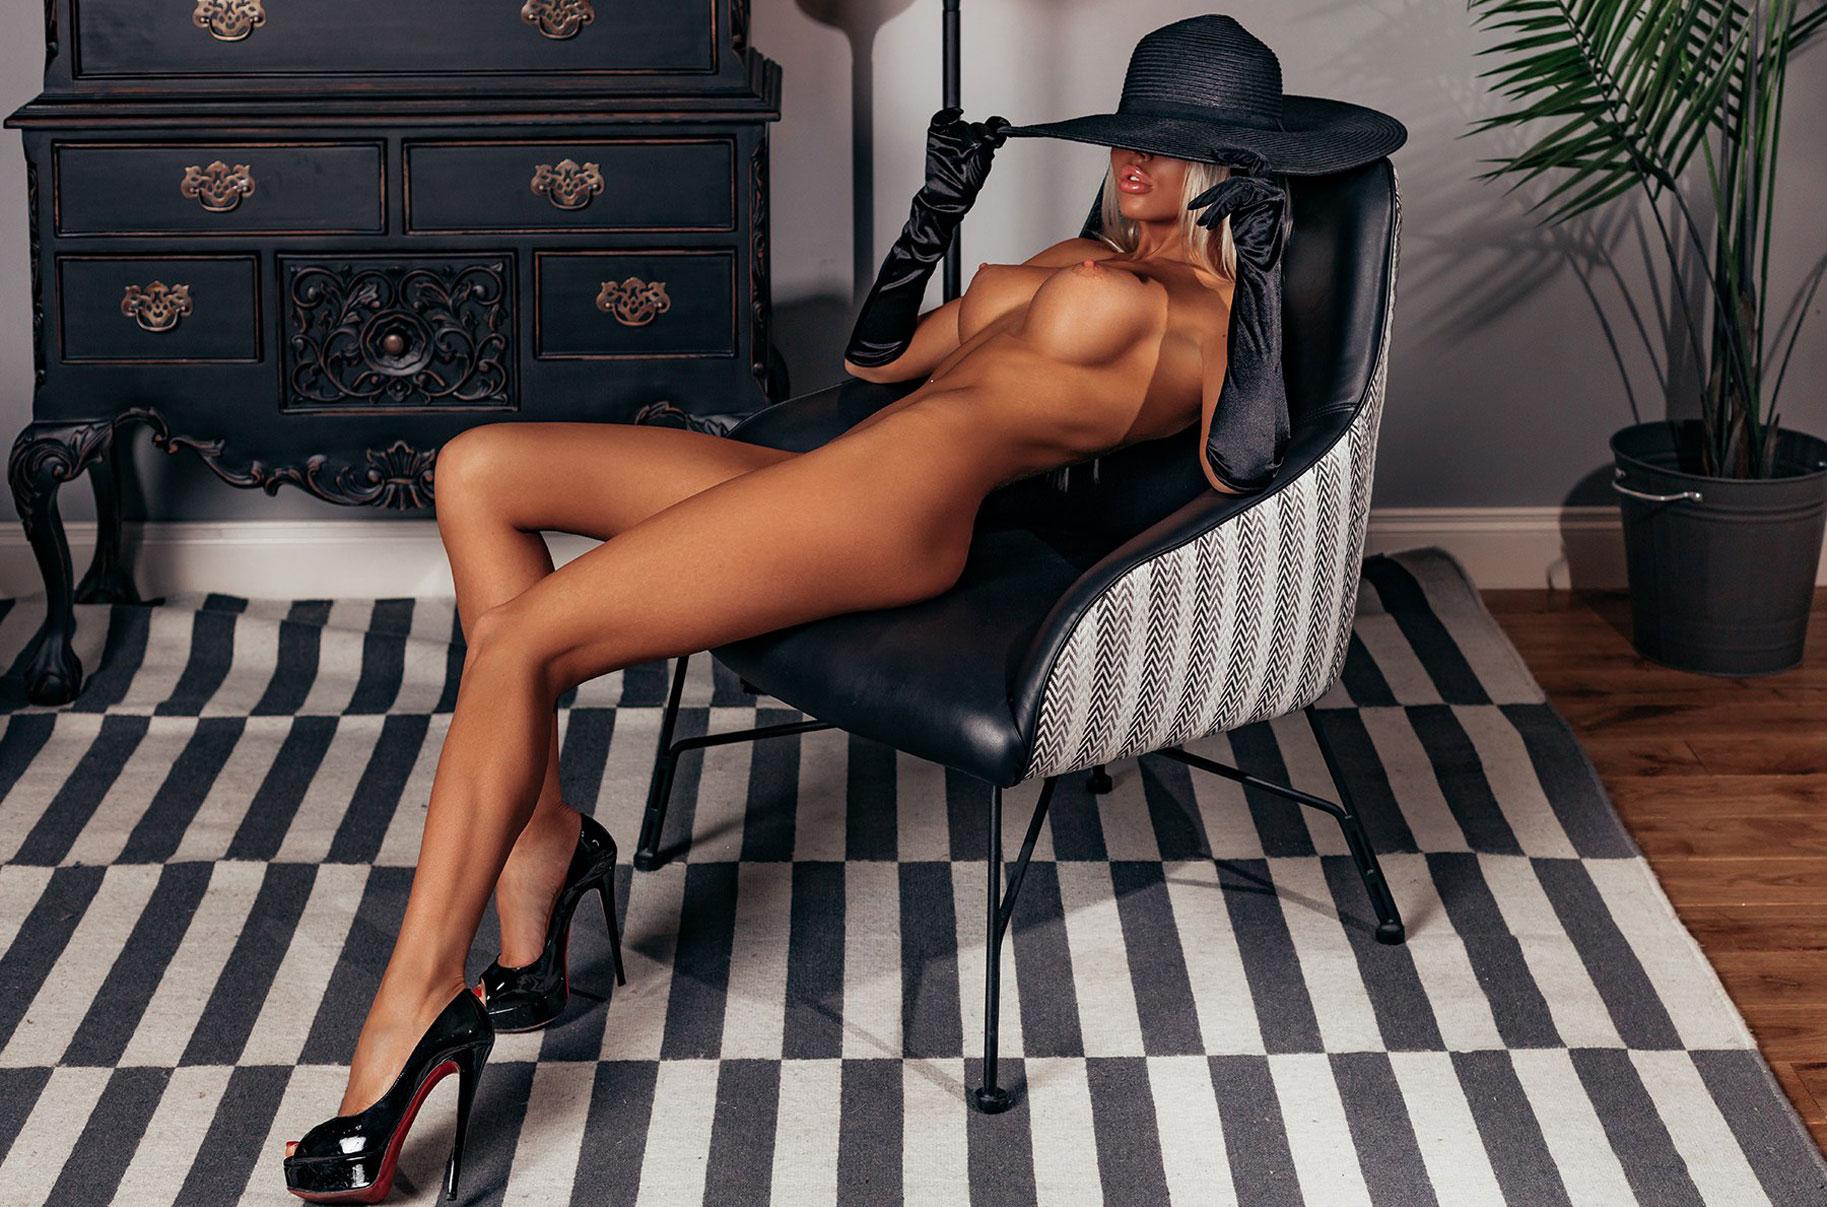 Анастасия Щеголева - модель с большой грудью / фото 02